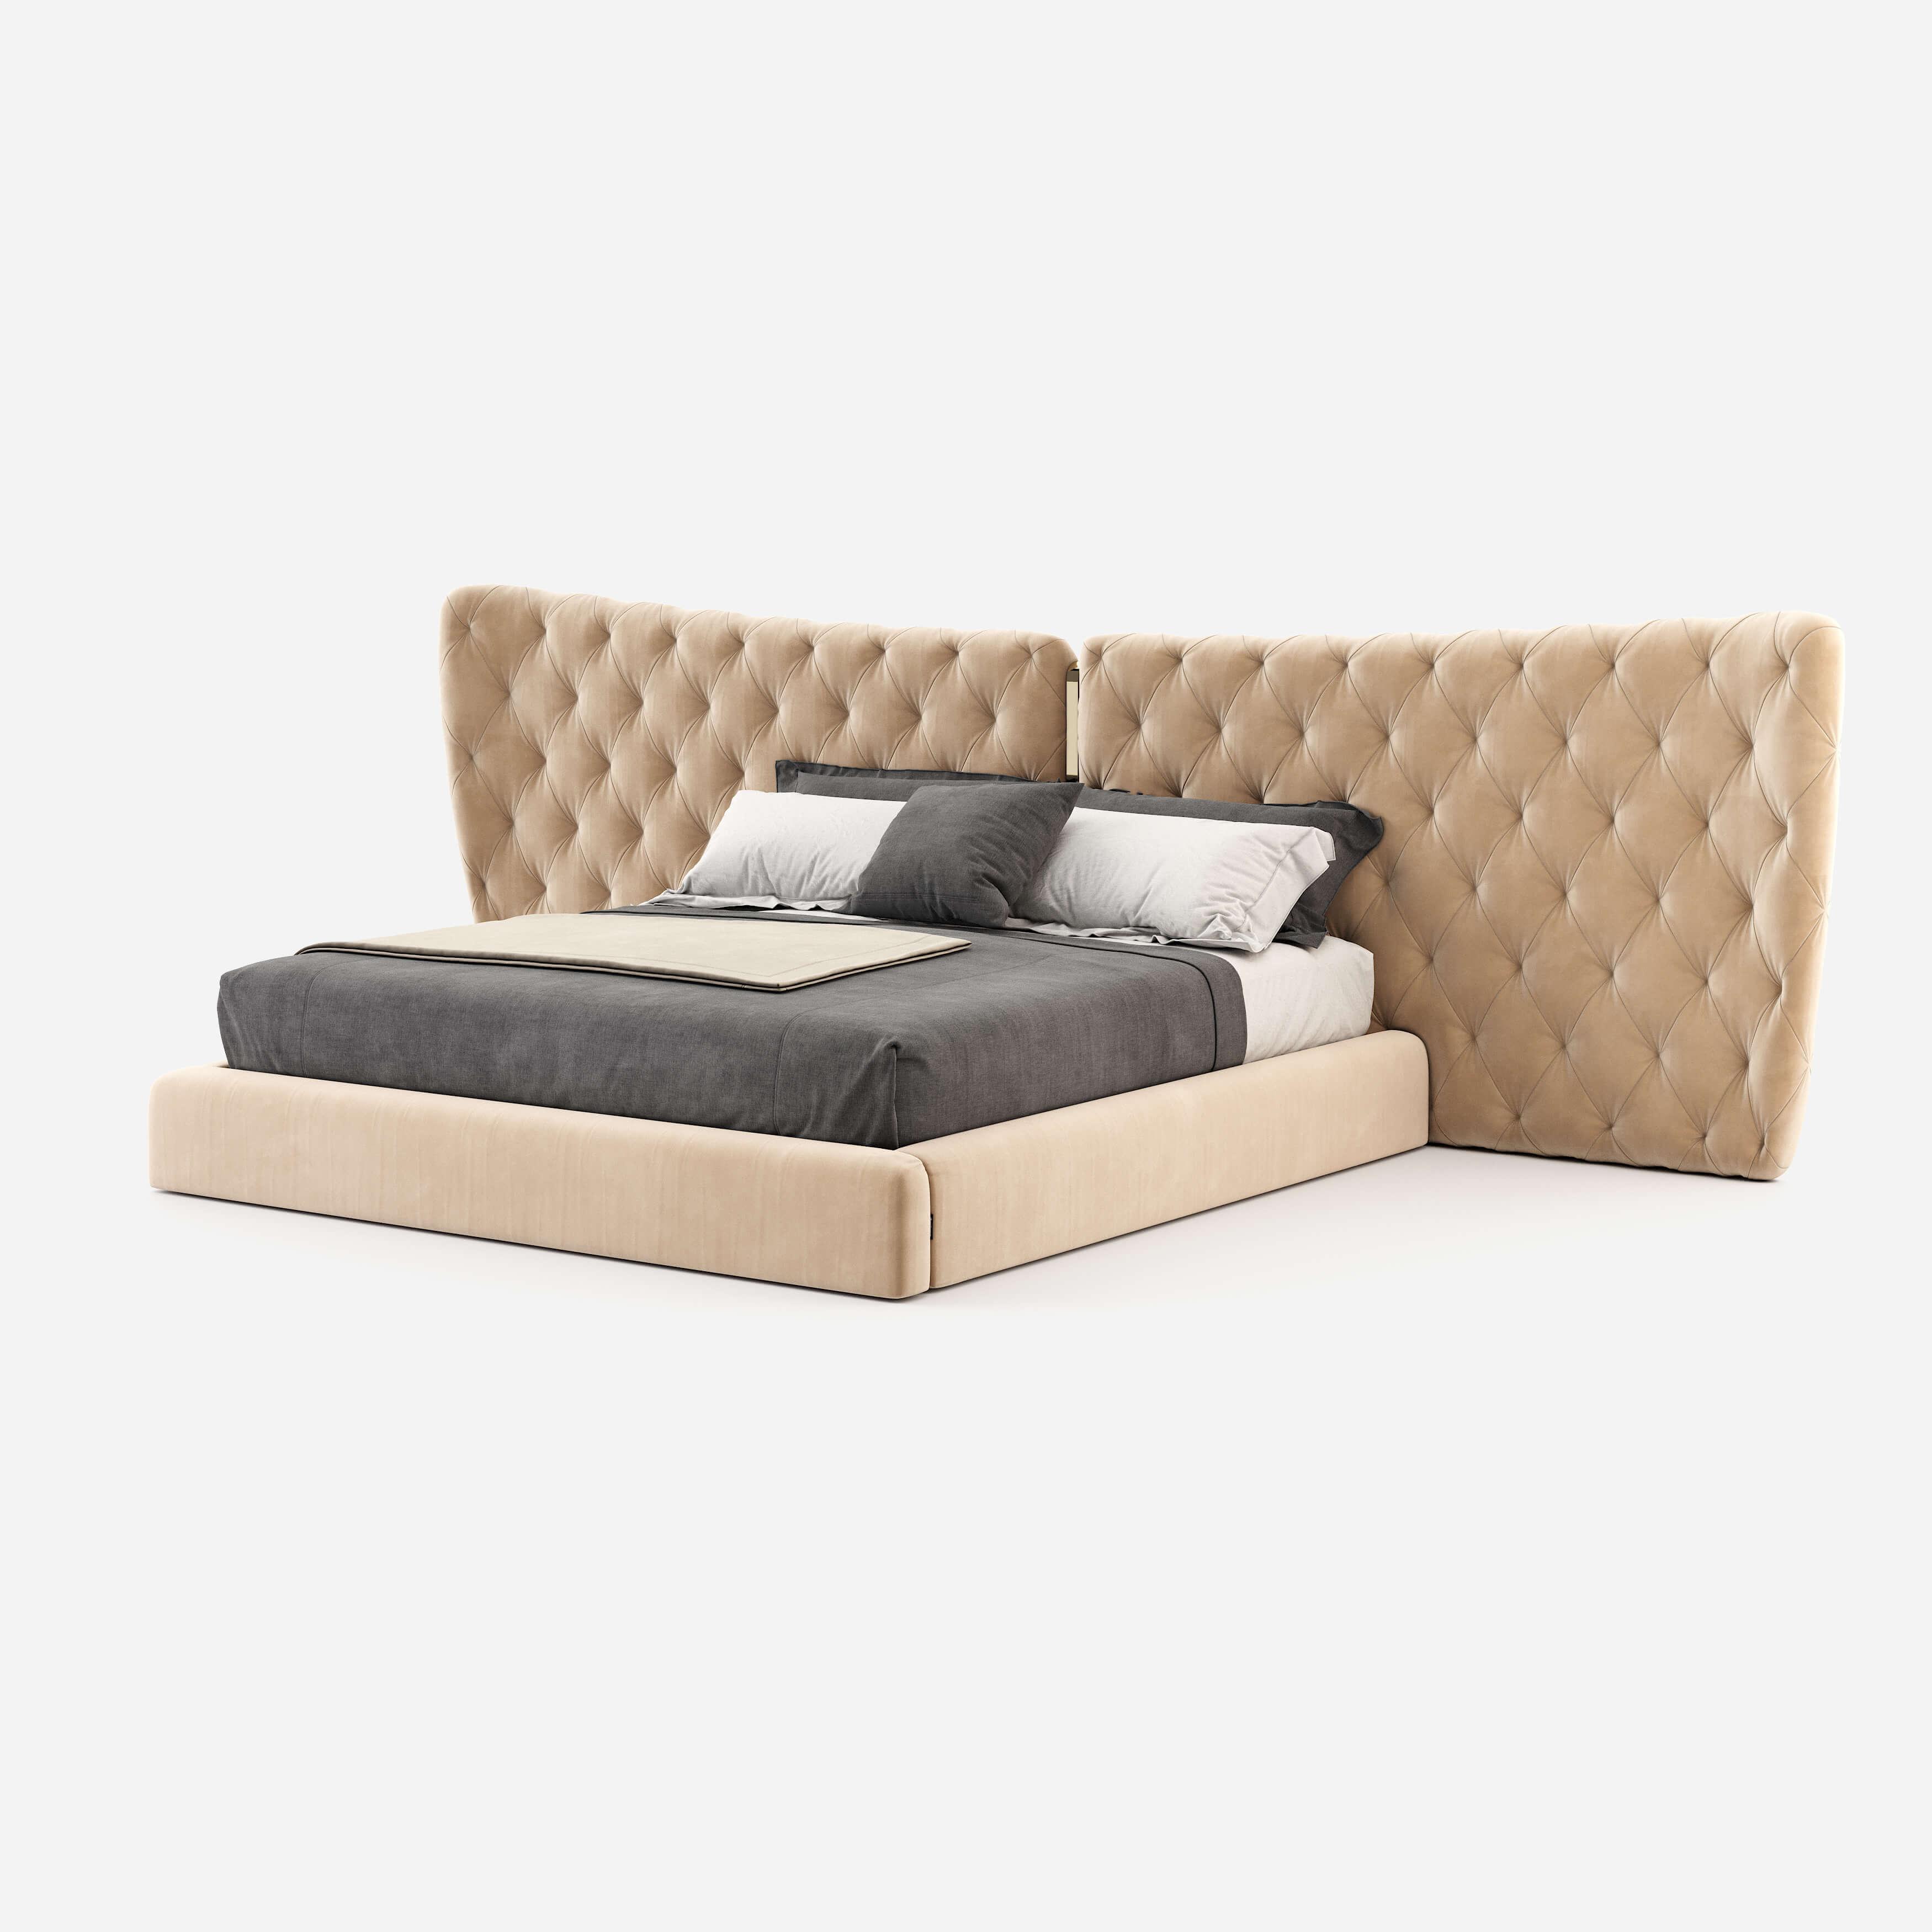 monroe-bed-cama-master-bedroom-headboard-velvet-fabrics-luxe-finishings-upholstered-furniture-domkapa-1